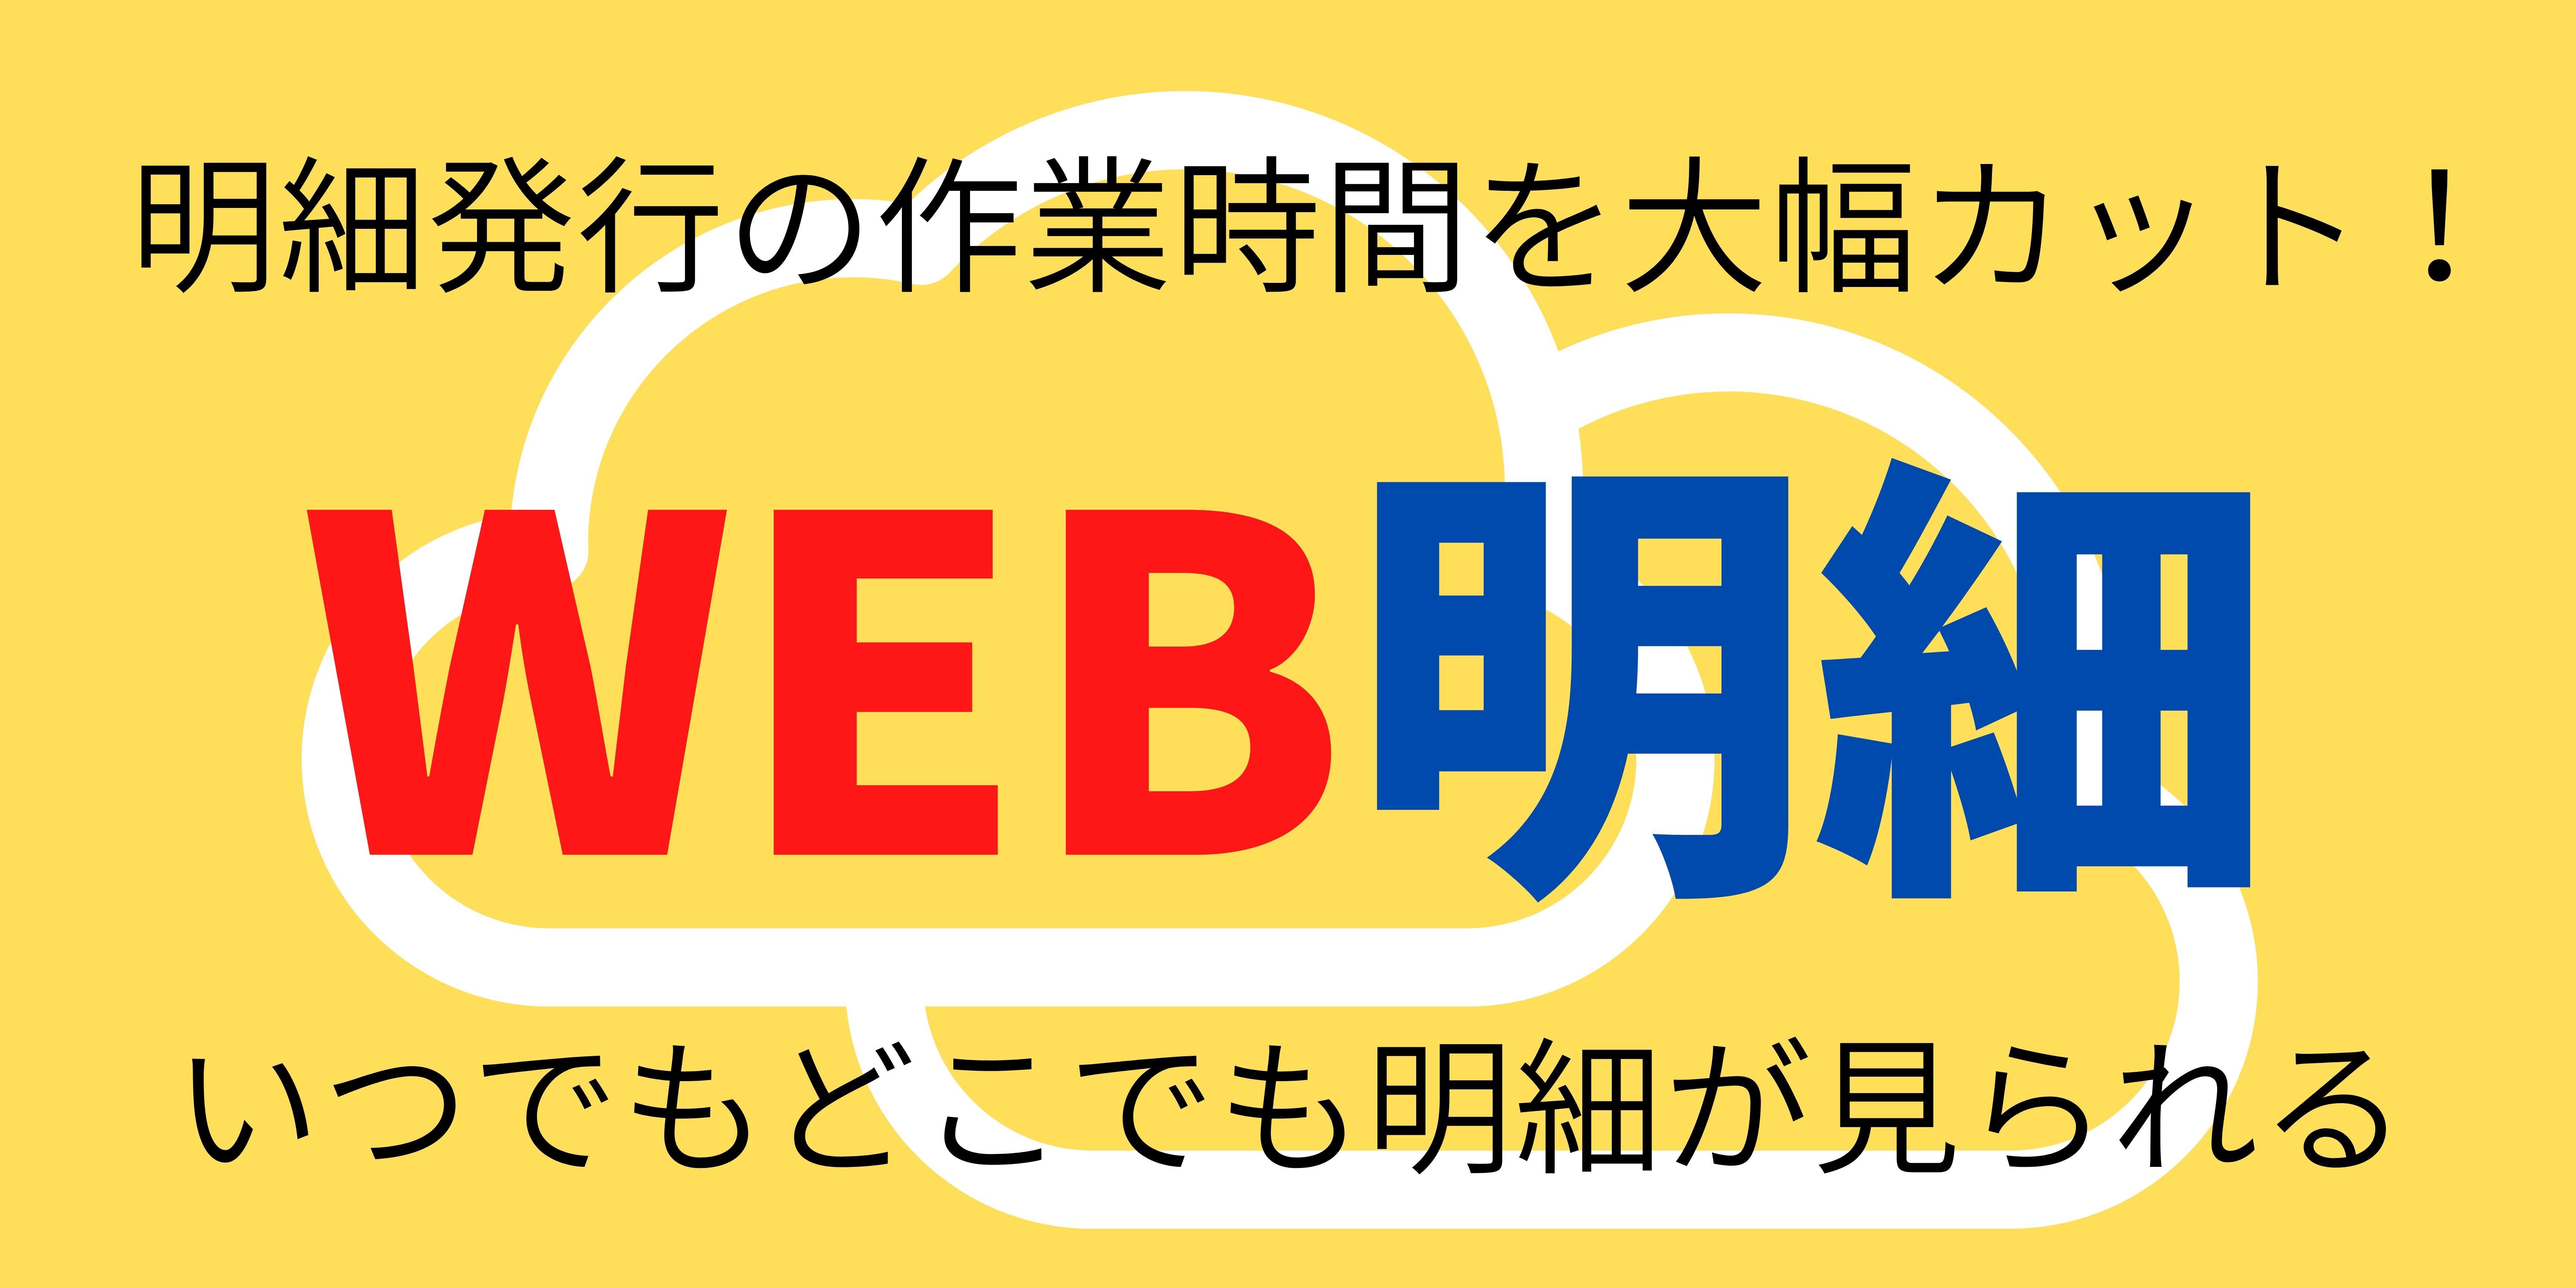 バナー(WEB明細)